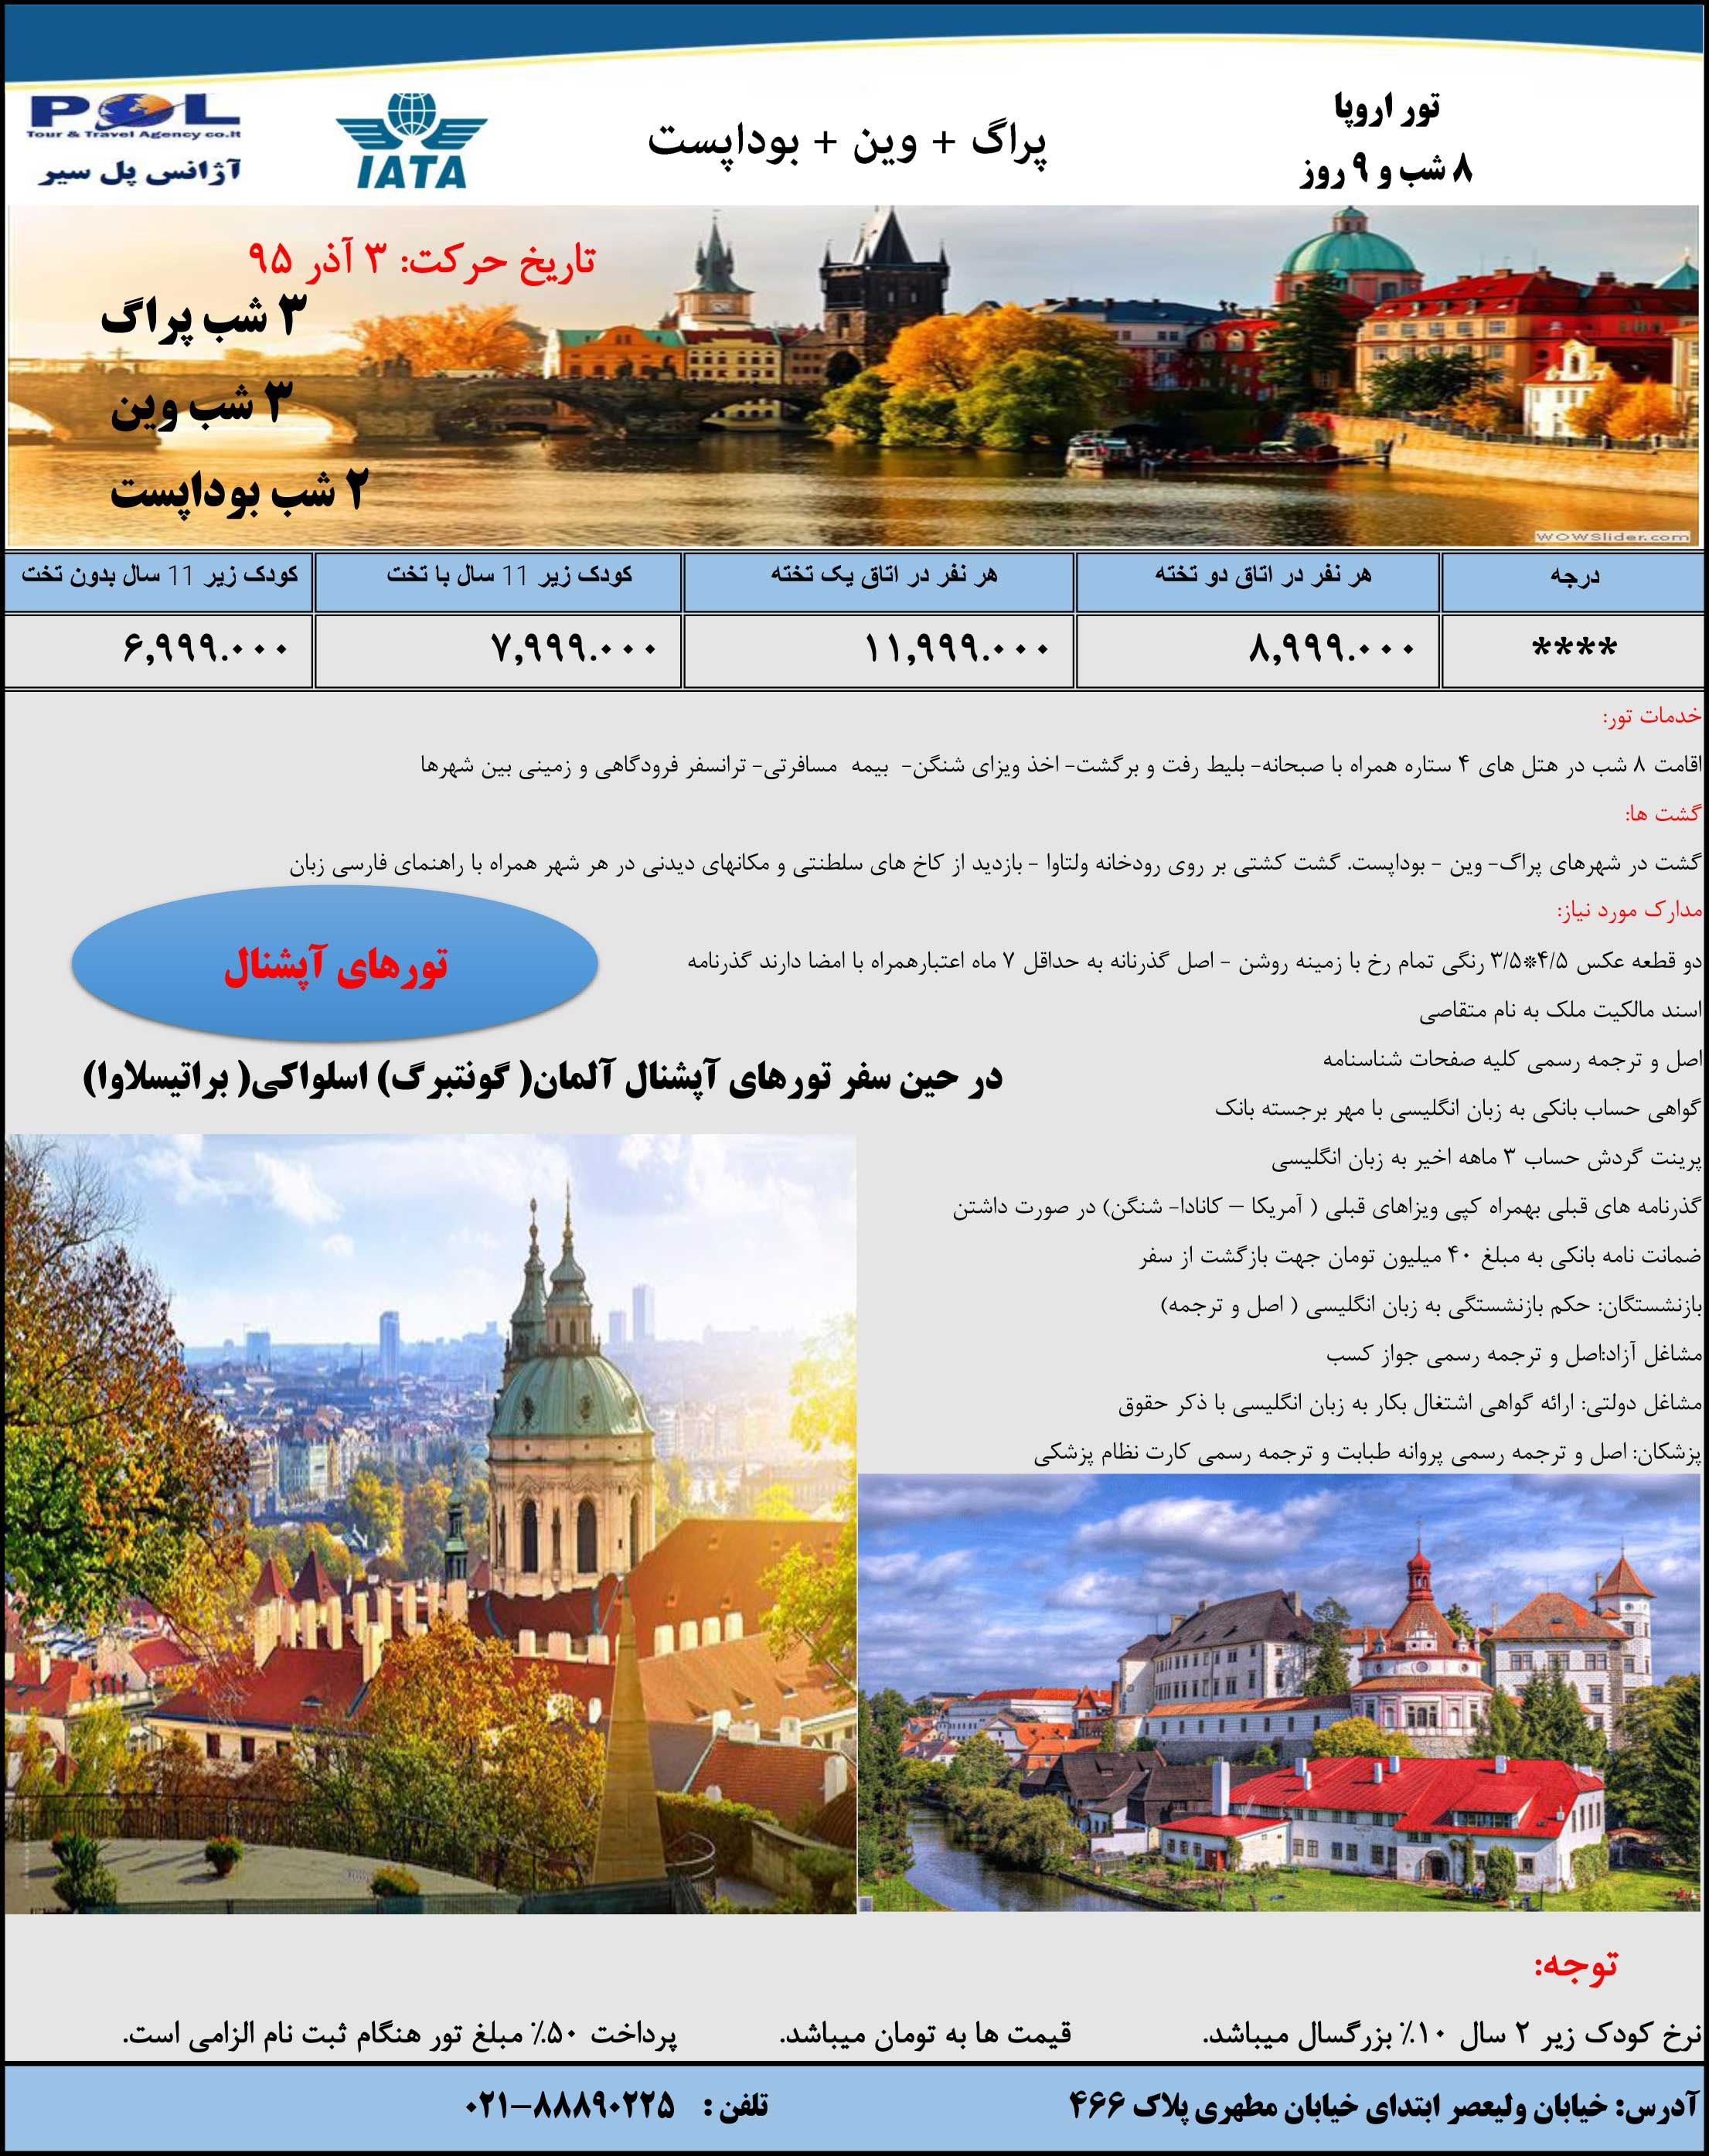 تور چمهوری چک-اتریش-مجارستان-آلمان | آژانس مسافرتی تور های خارجی ...تور چمهوری چک-اتریش-مجارستان-آلمان